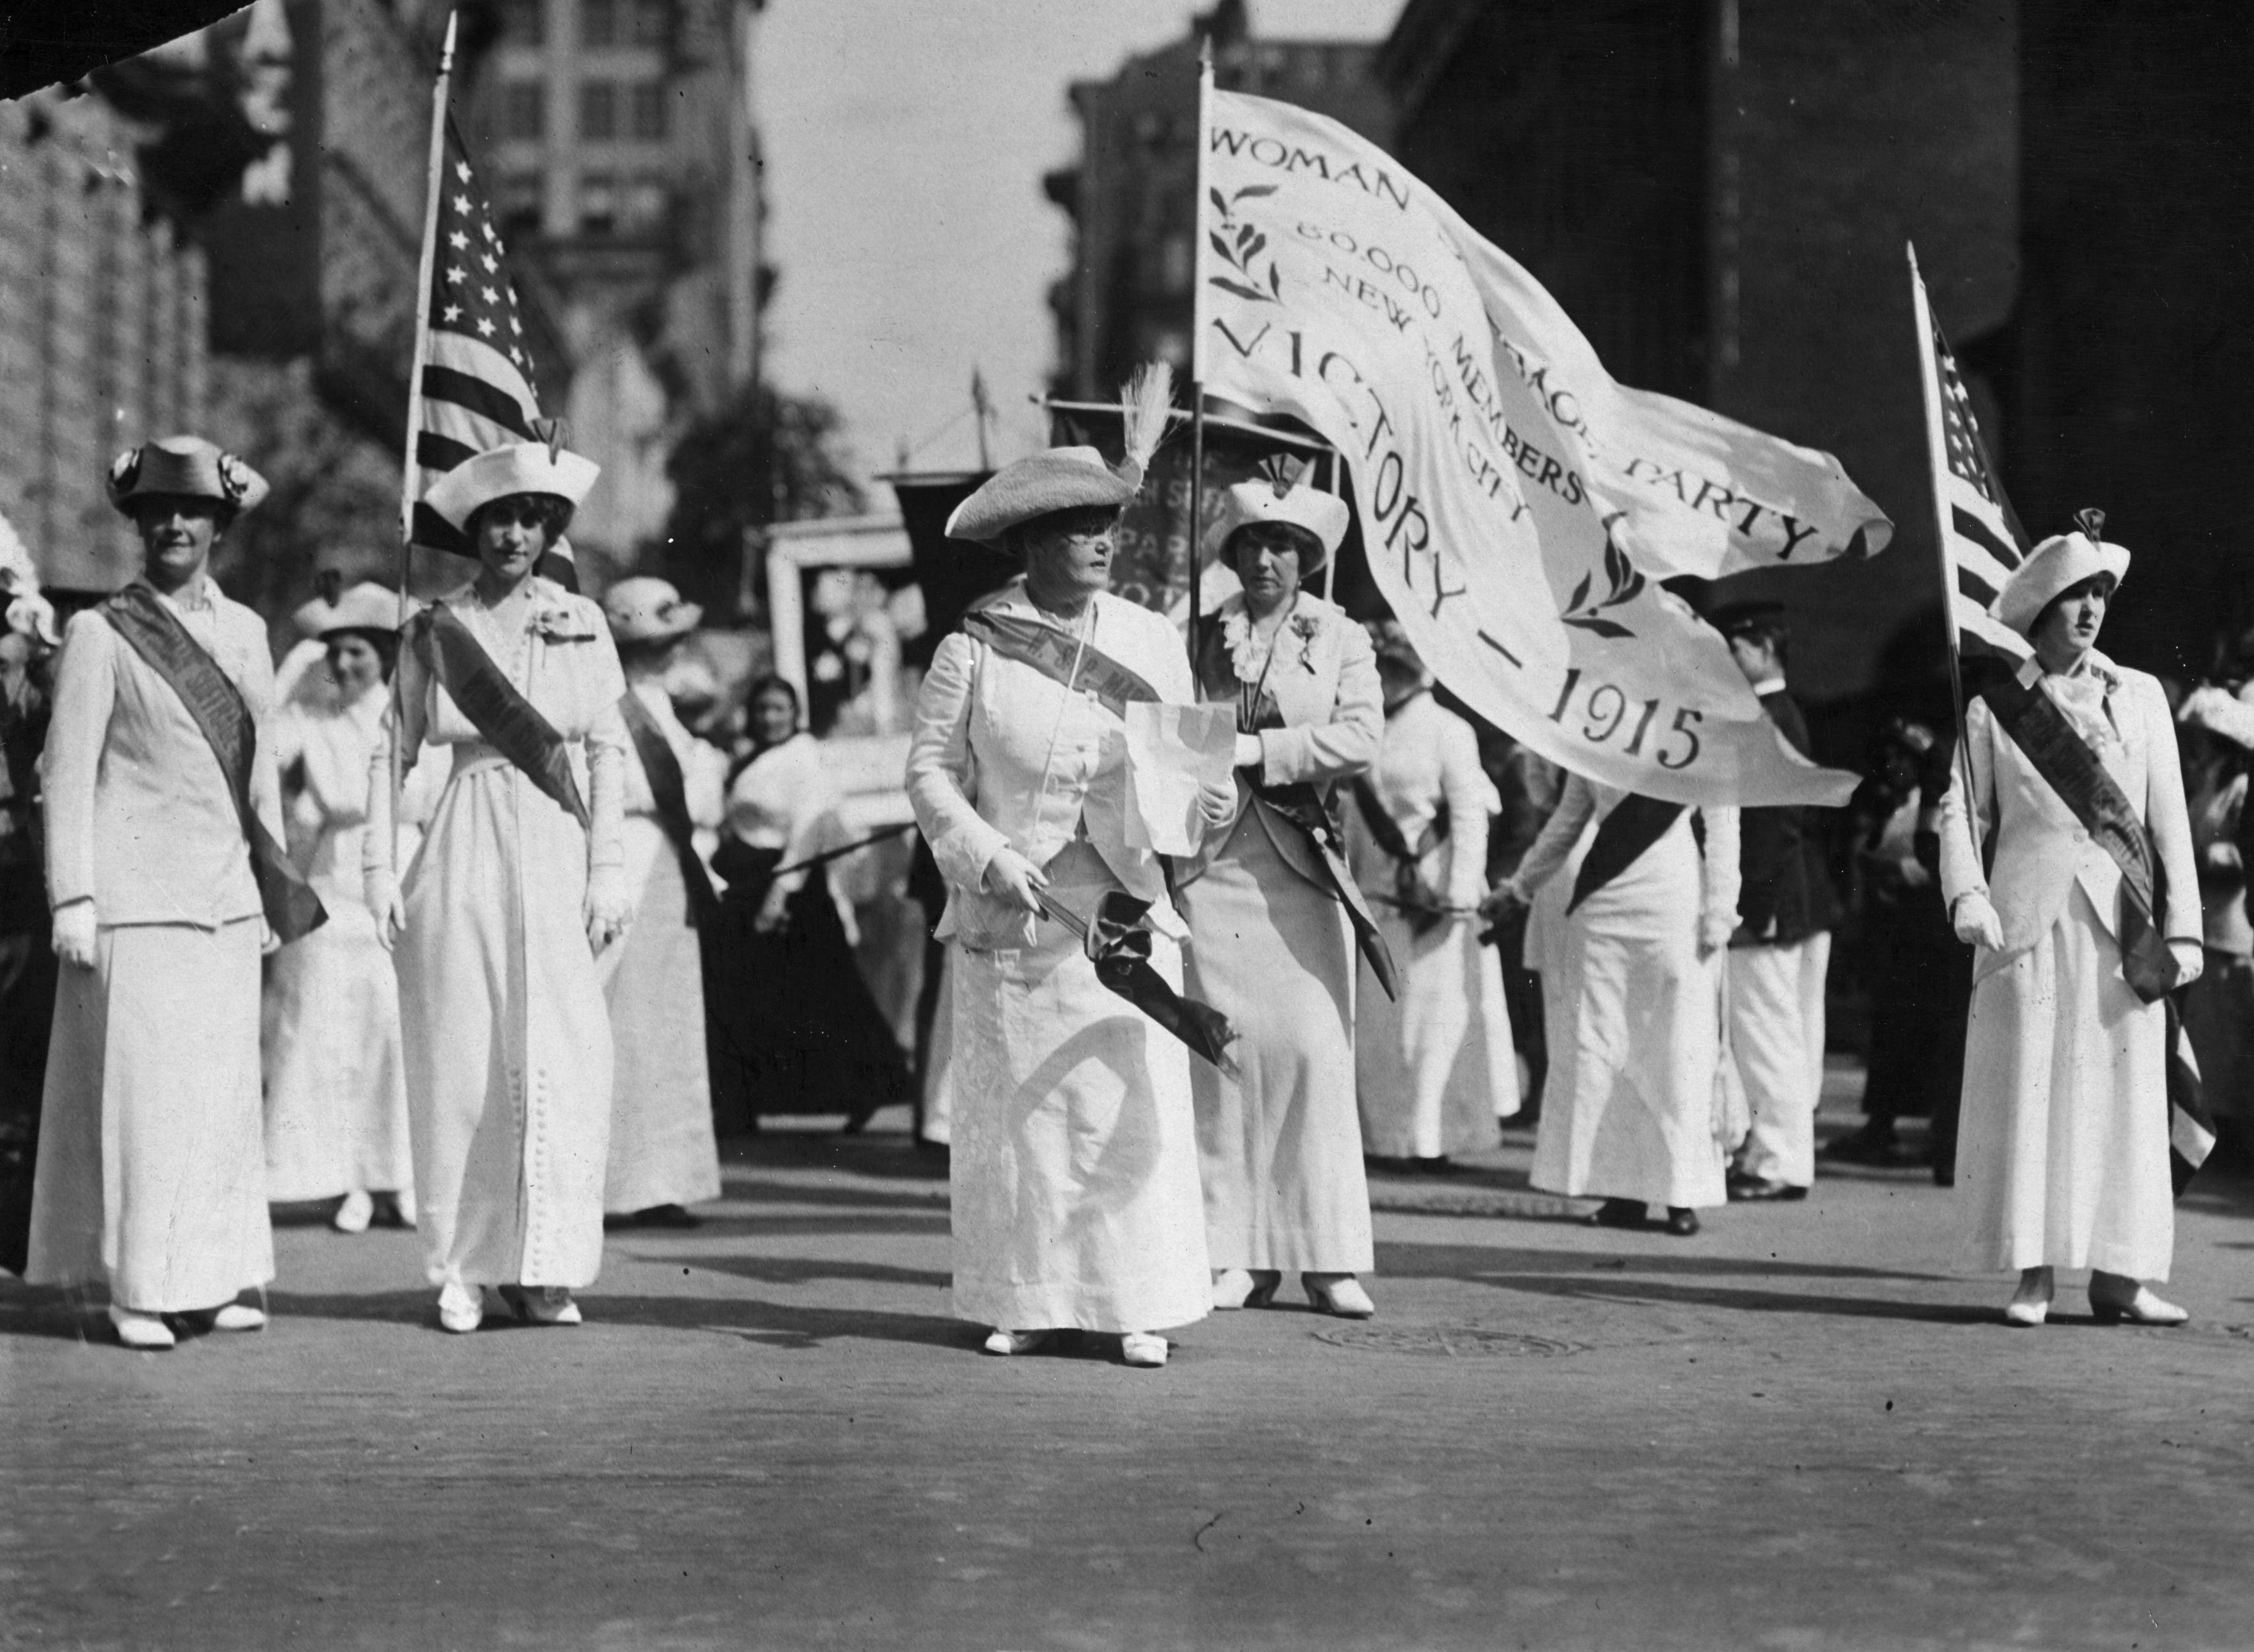 https://www.curezone.org/upload/Members/new03/Suffragettes.jpeg